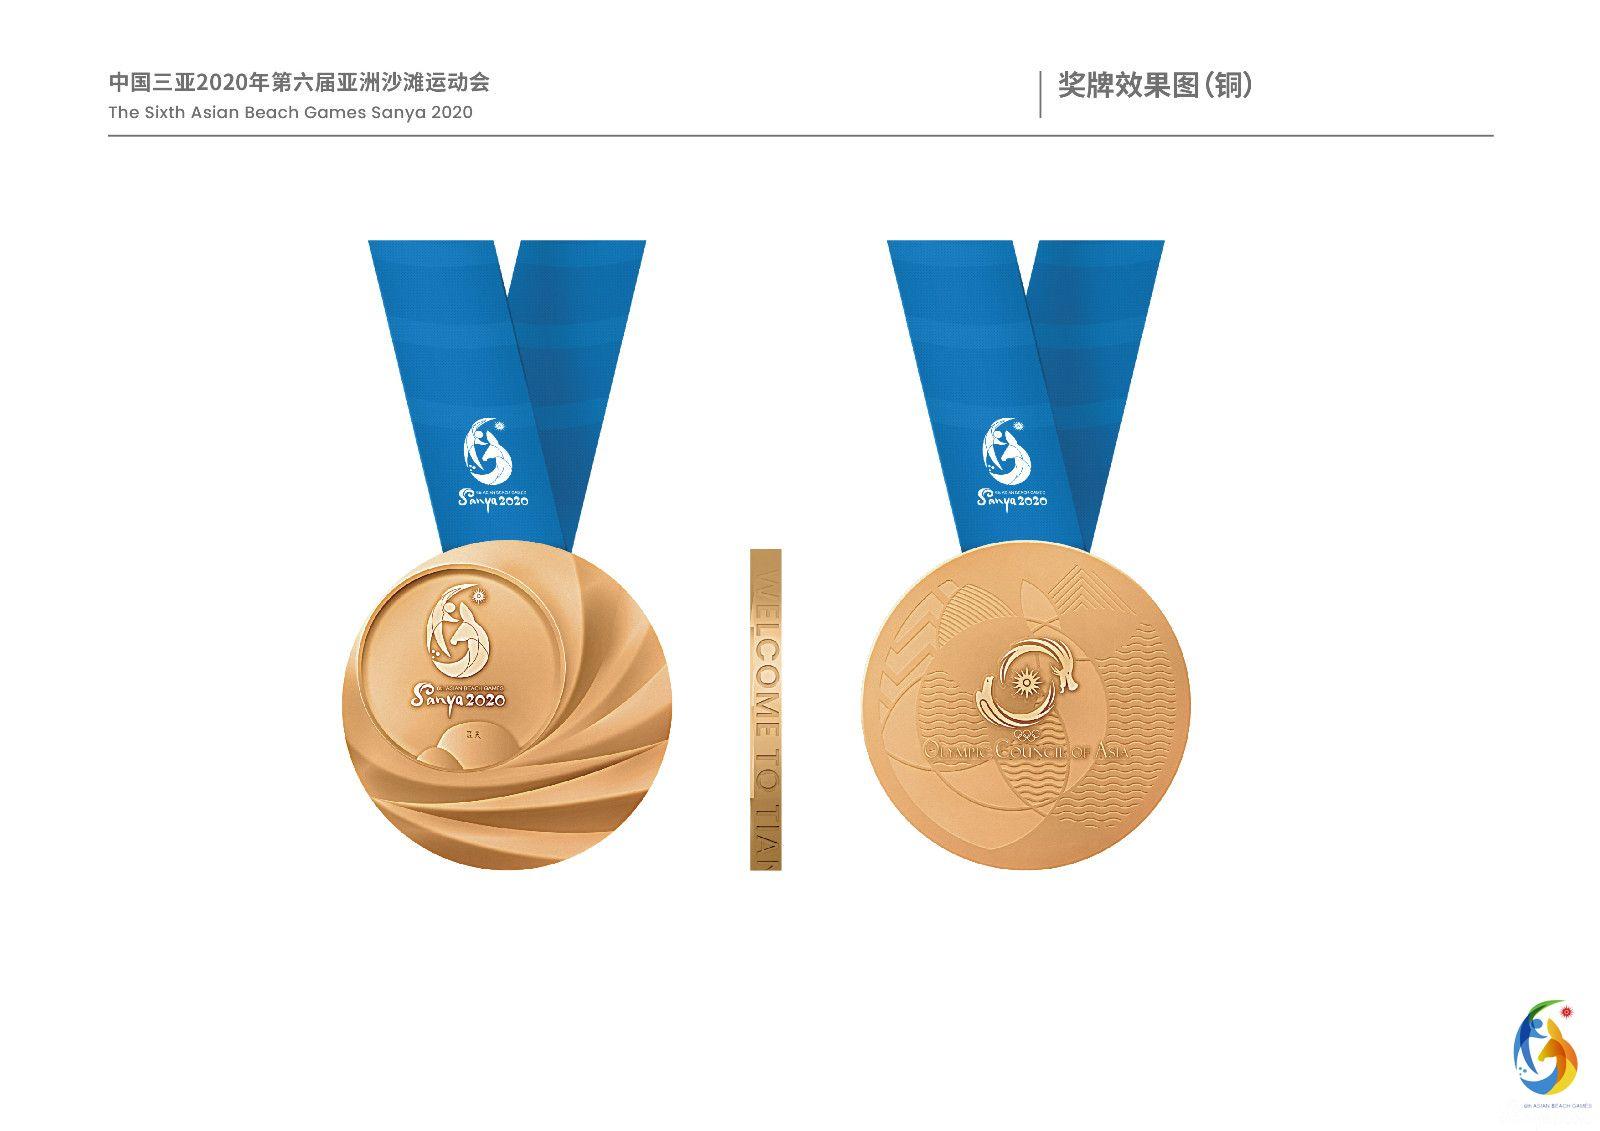 2020年第六届亚洲沙滩运动会奖牌设计揭晓